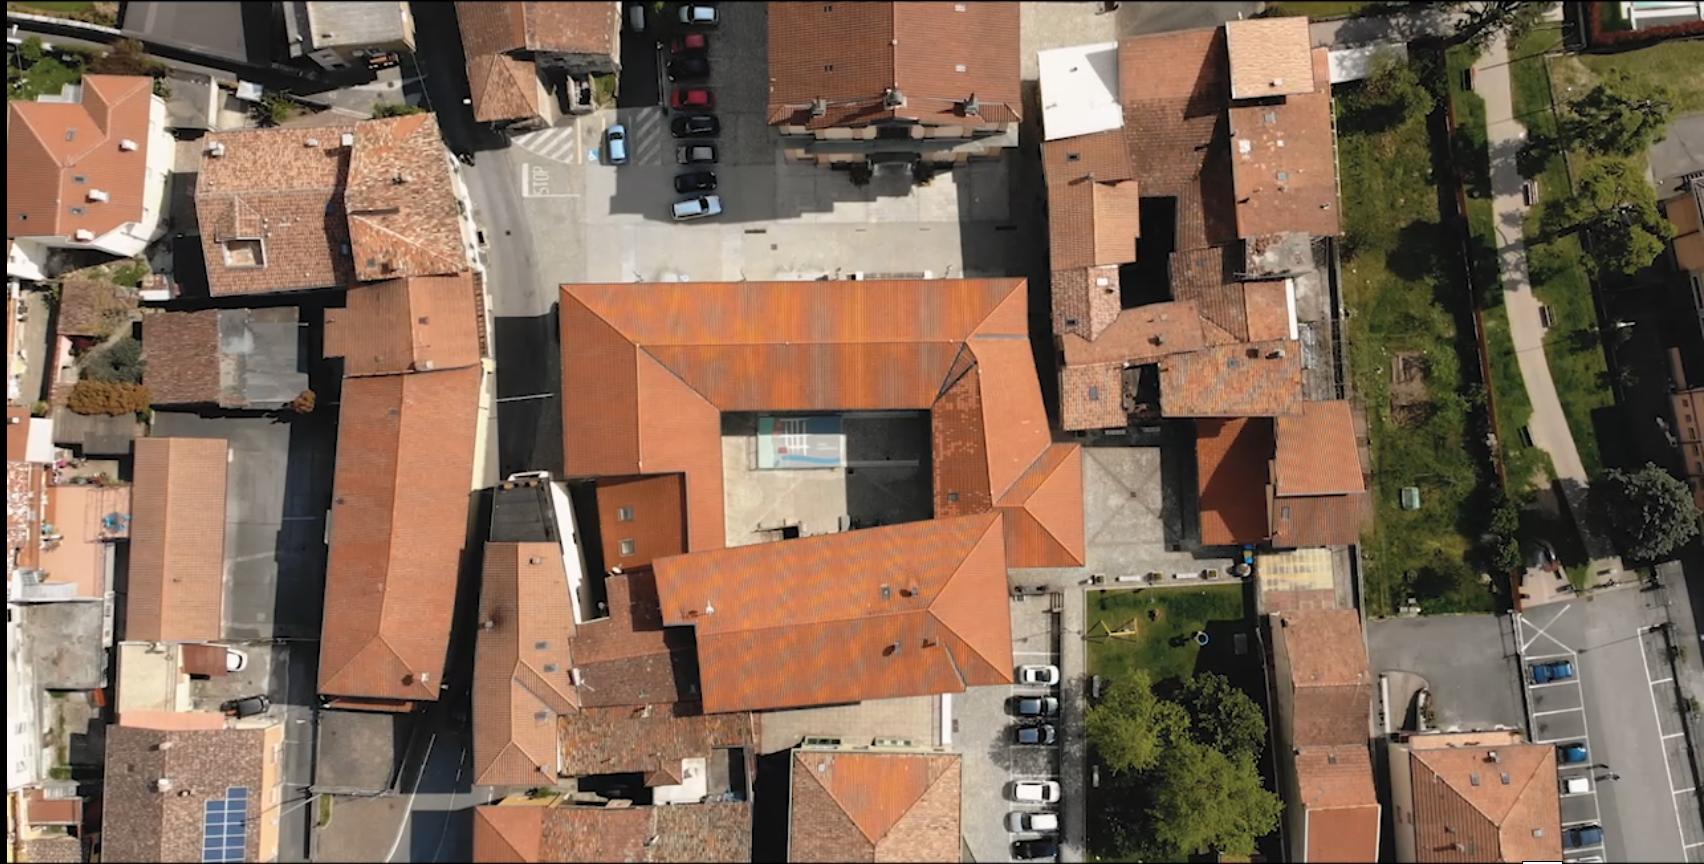 la nuova sede del Museo Archeologico Nazionale di Valle Camonica a Cividate Camuno vista dal drone